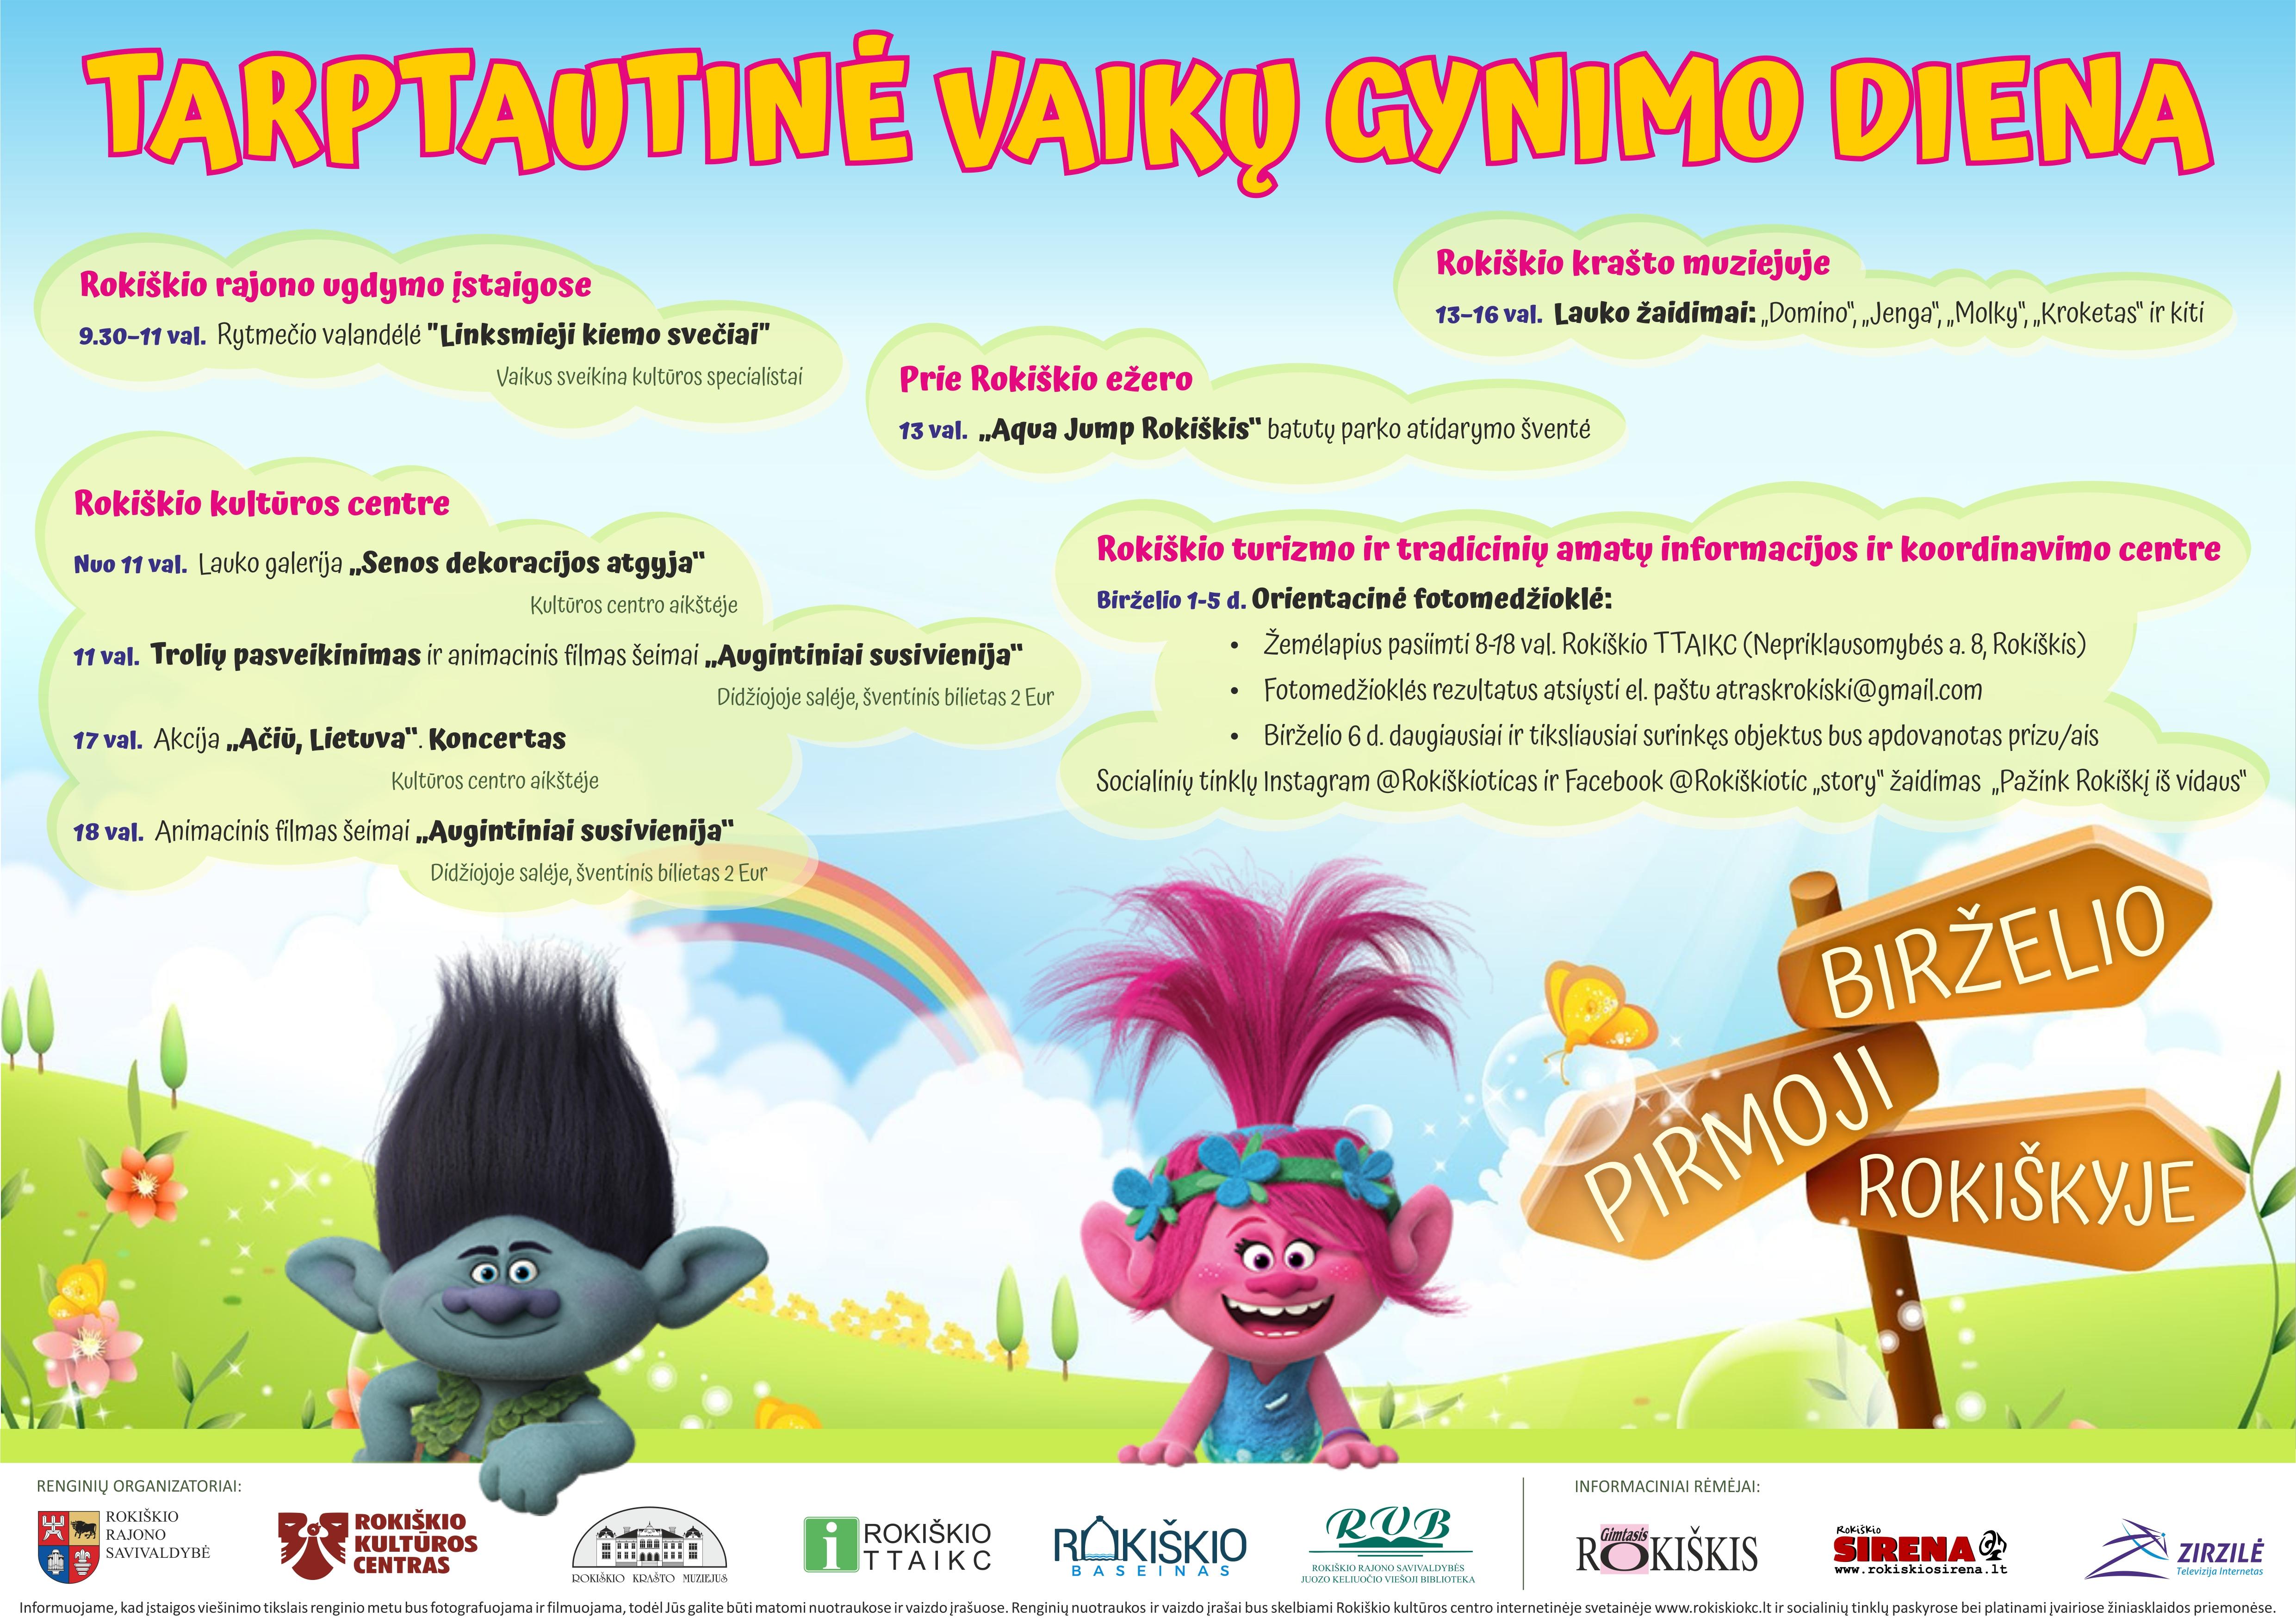 Birželio 1 d.  Tarptautinei vaikų gynimo dienai paminėti skirti renginiai Rokiškio mieste